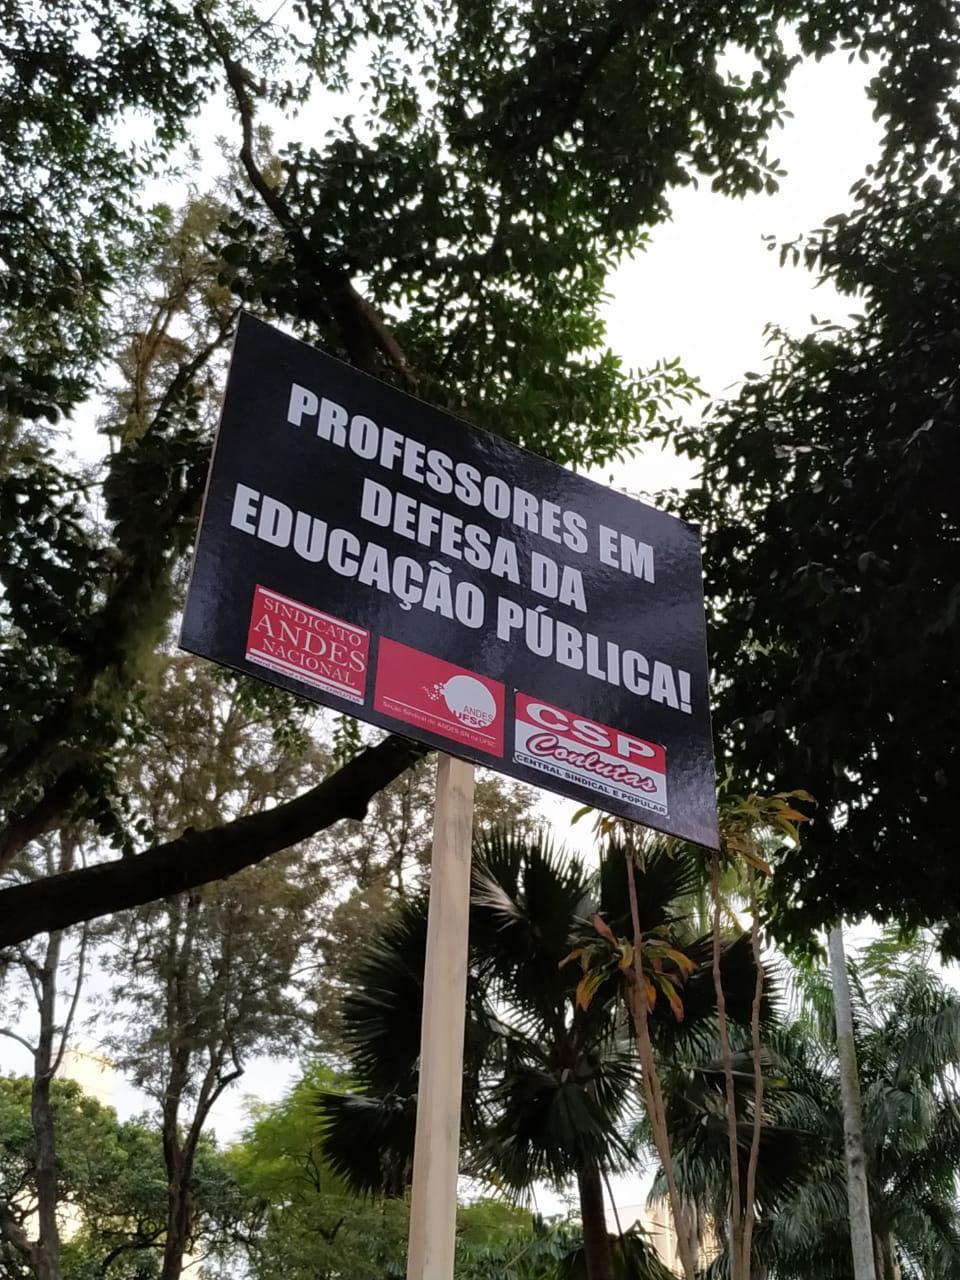 Professores em Defesa Educação Pública